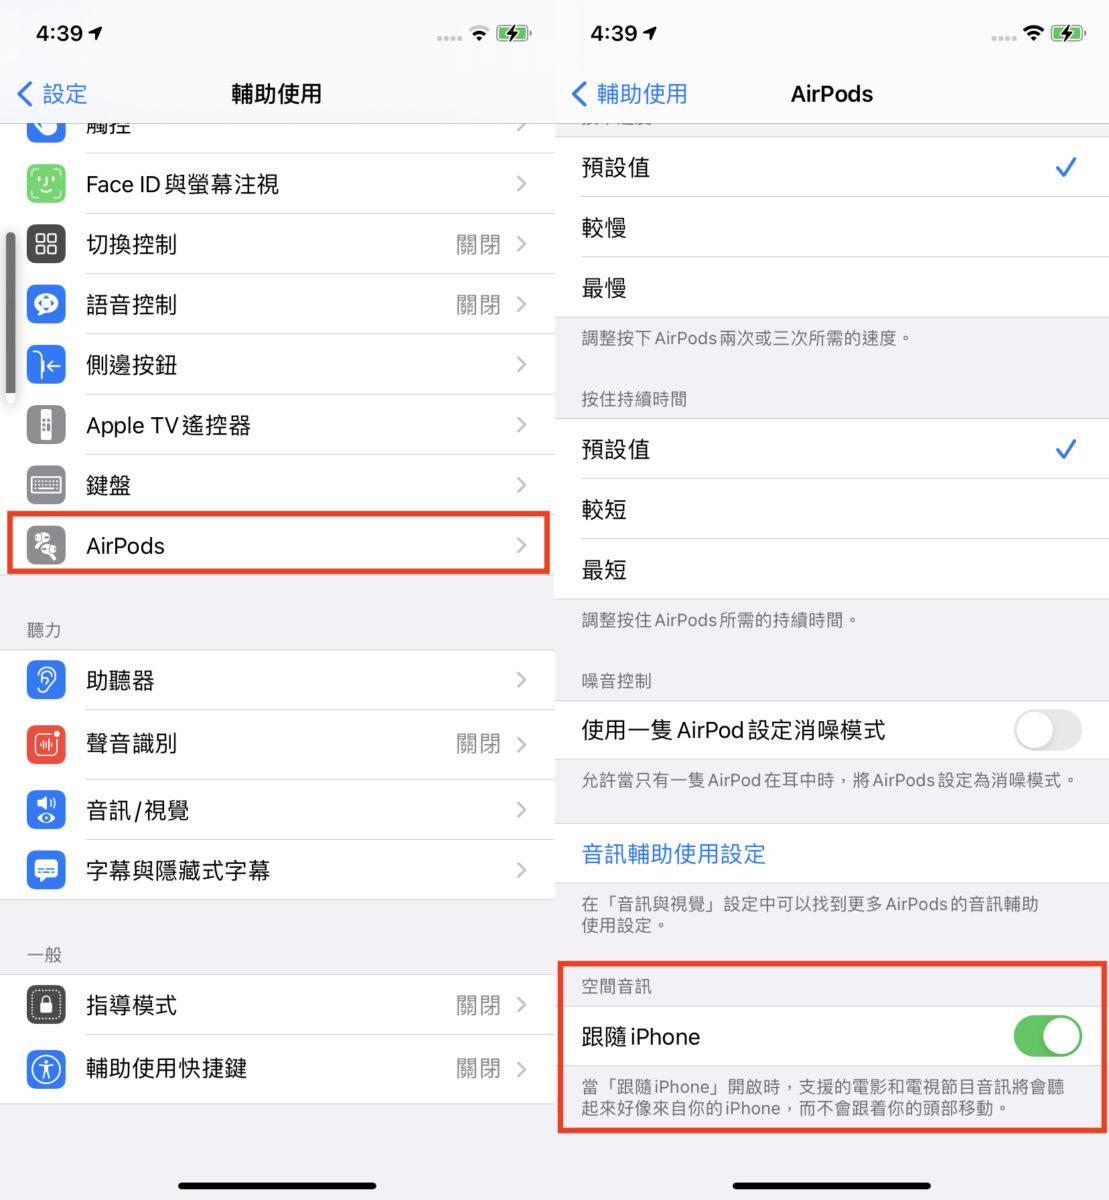 「空間音響(空間音訊)」的「跟隨 iPhone 」功能開關收錄在「設定>輔助使用>身體動作 - AirPods 」頁面最底。